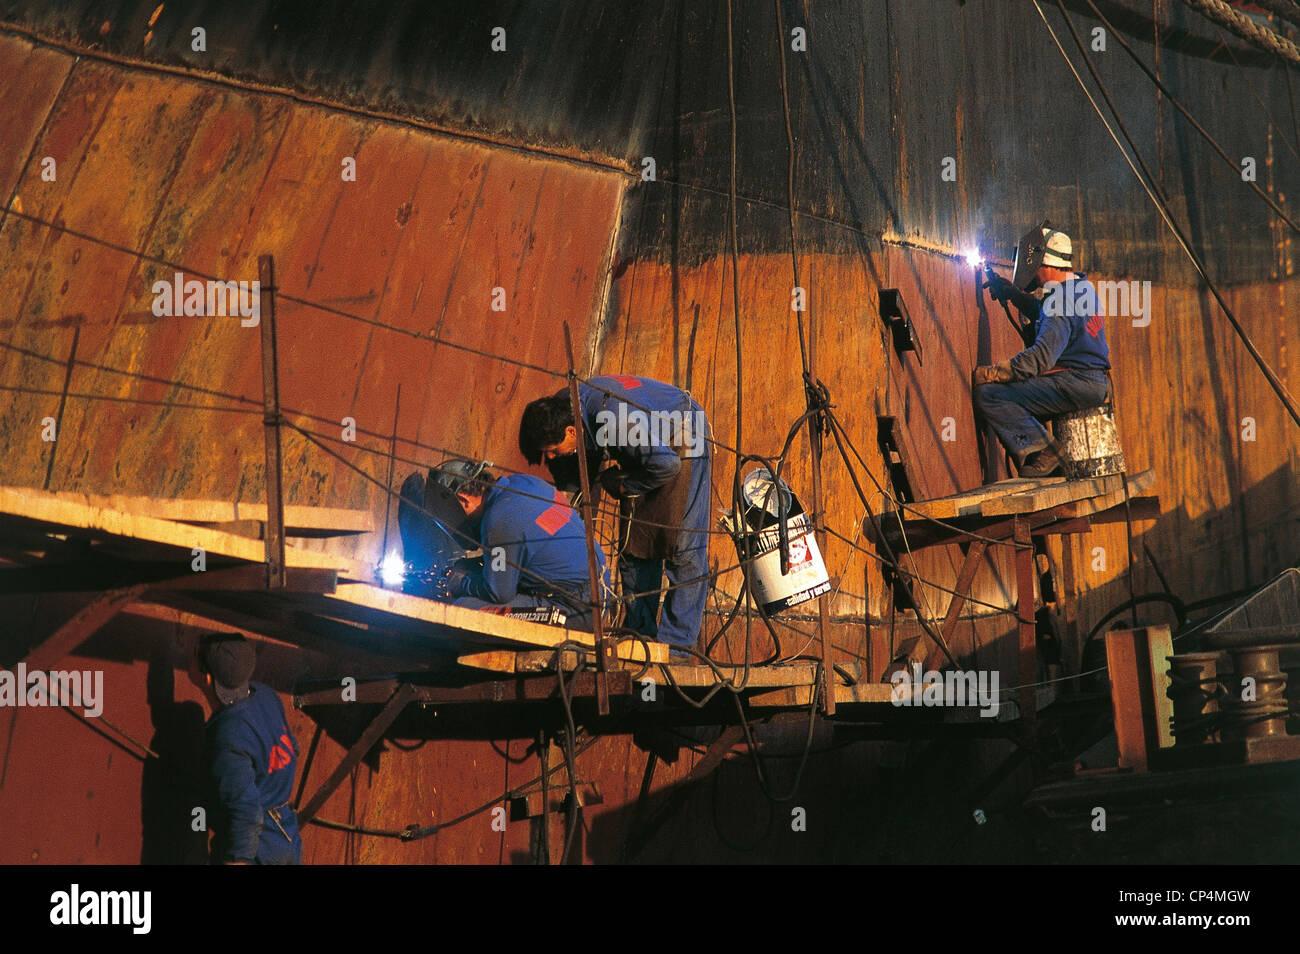 Spain Basque Santurce SHIPYARD ALONG THE RIO DE BILBAO - Stock Image